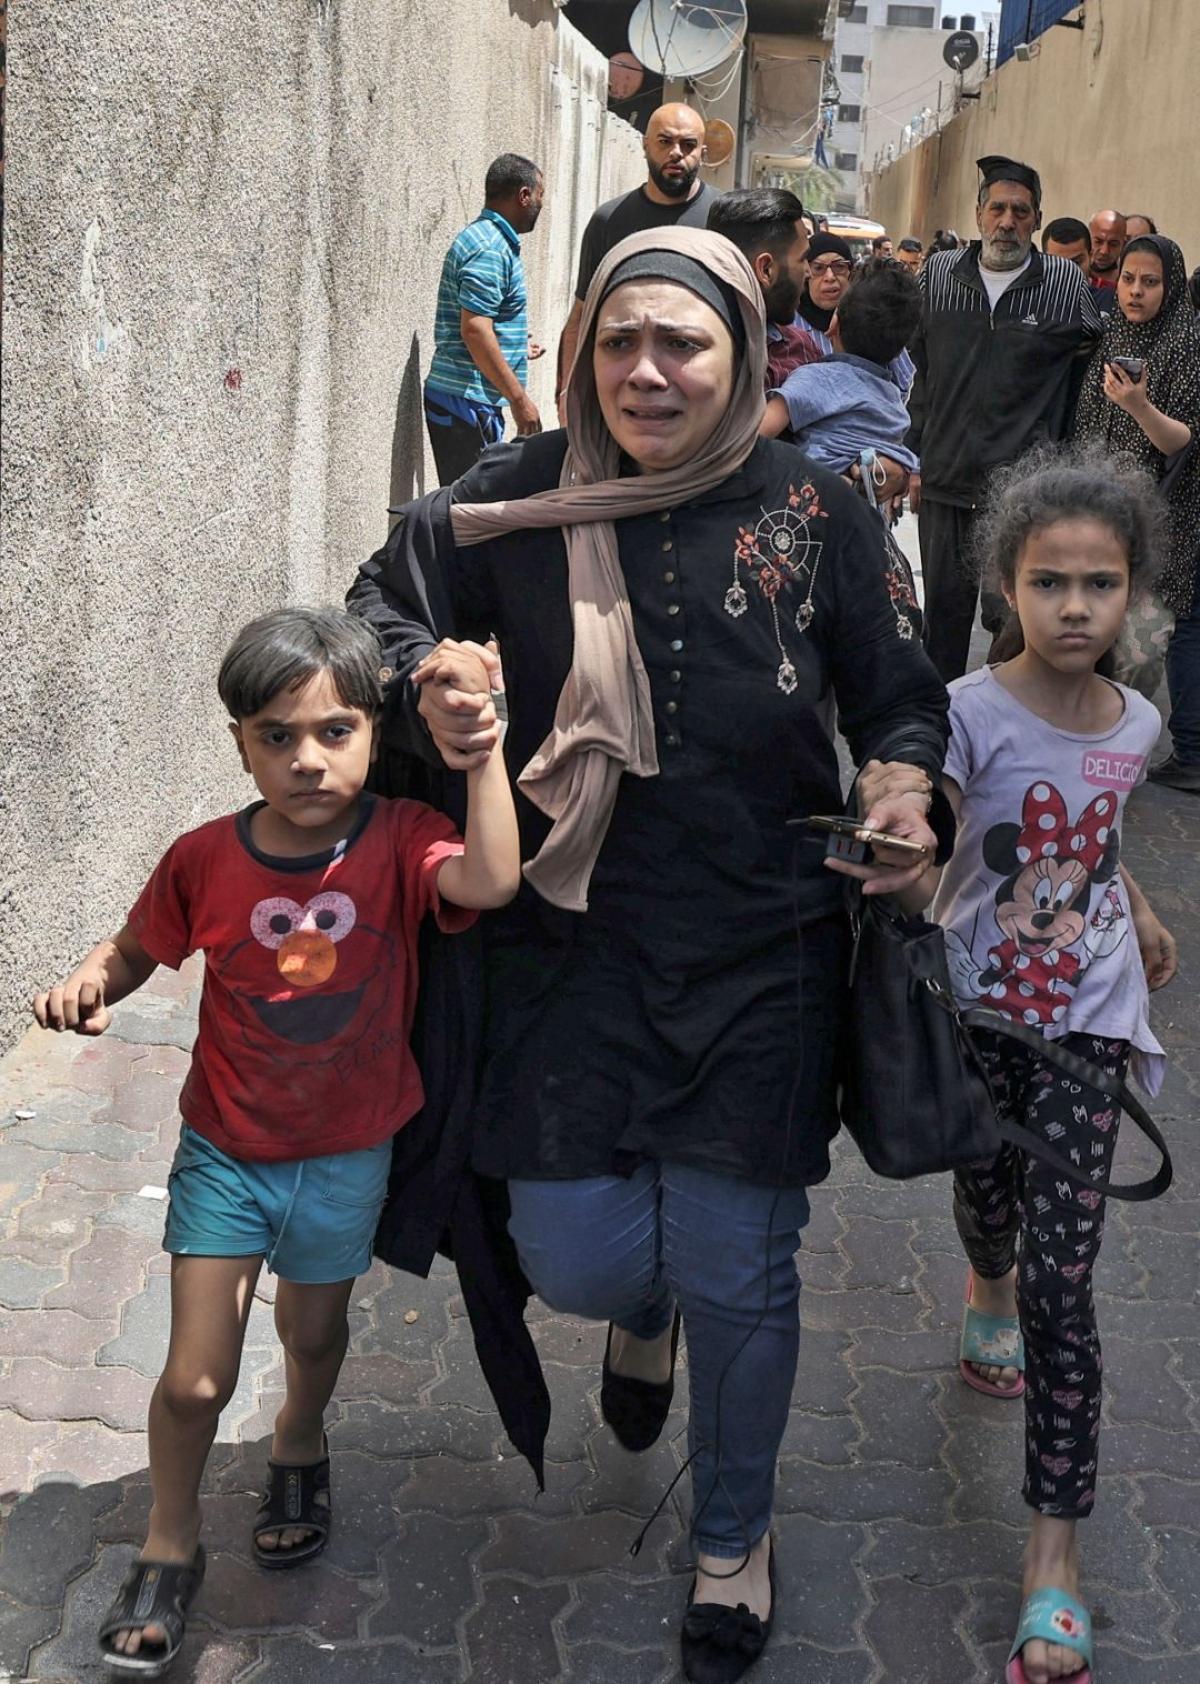 Ảnh: Khung cảnh hoang tàn sau hàng loạt cuộc không kích trả đũa của Israel ở dải Gaza - Ảnh 8.